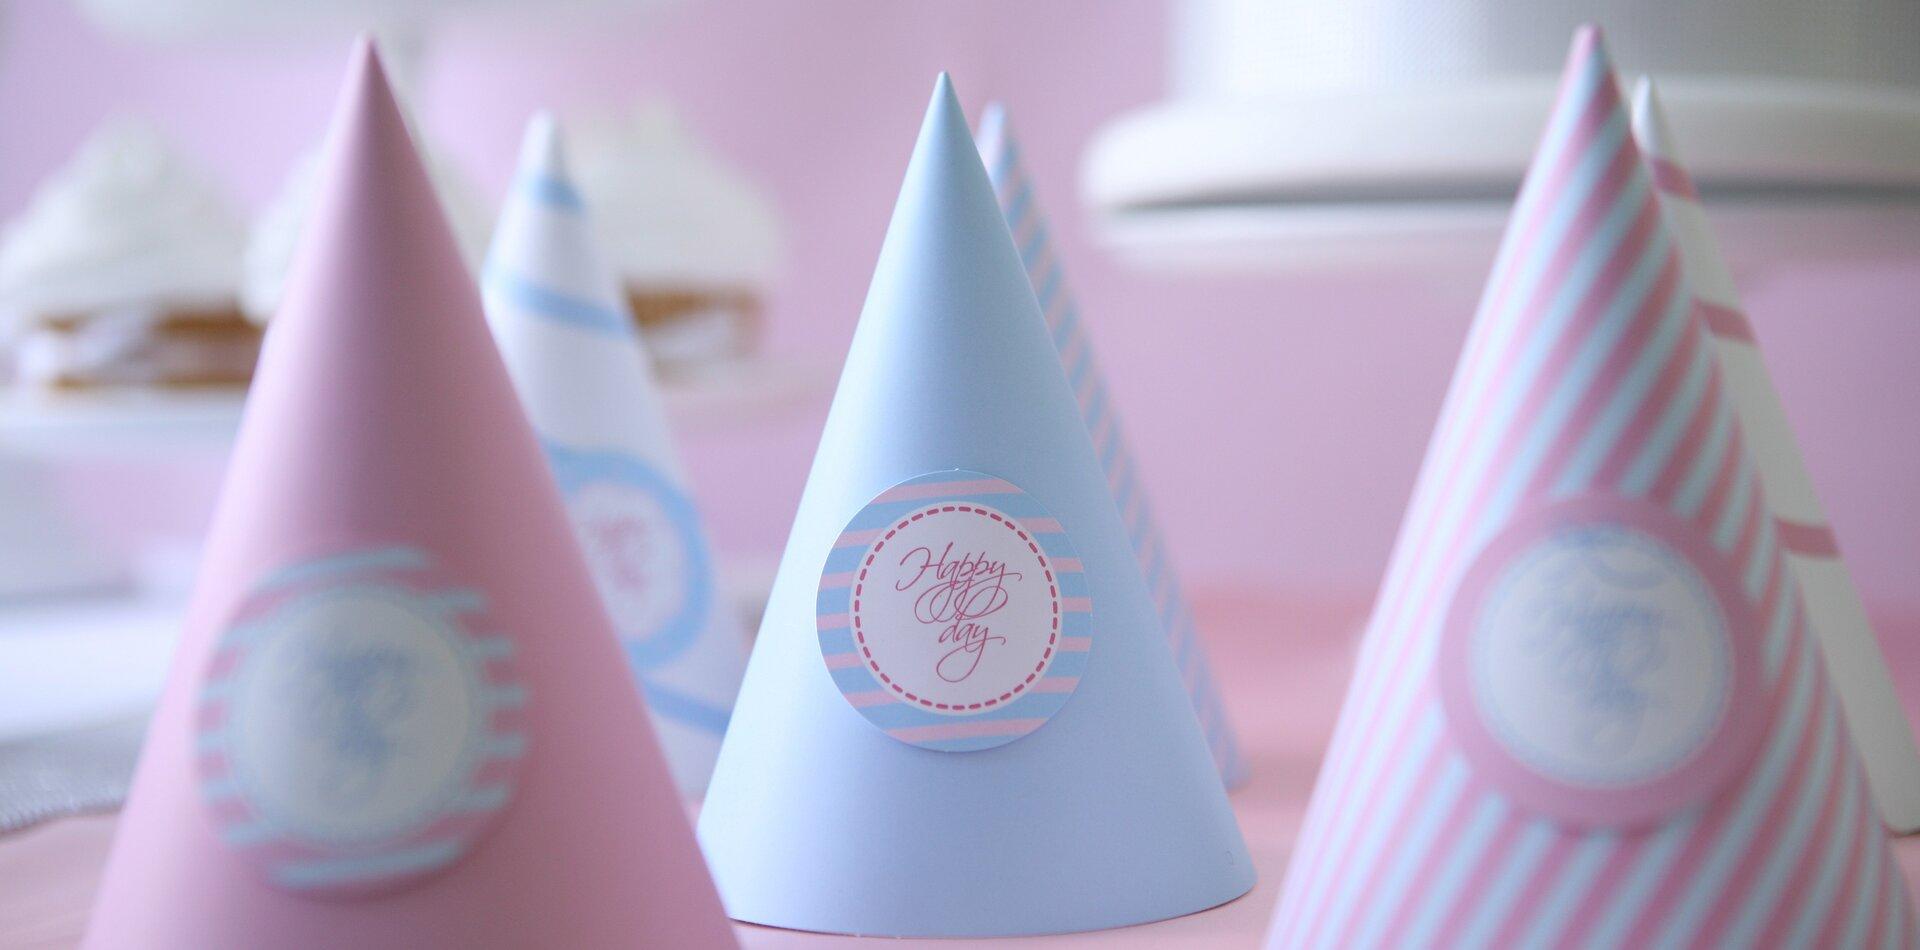 …czapeczek dla gości… …czapeczek dla gości… Źródło: domena publiczna.